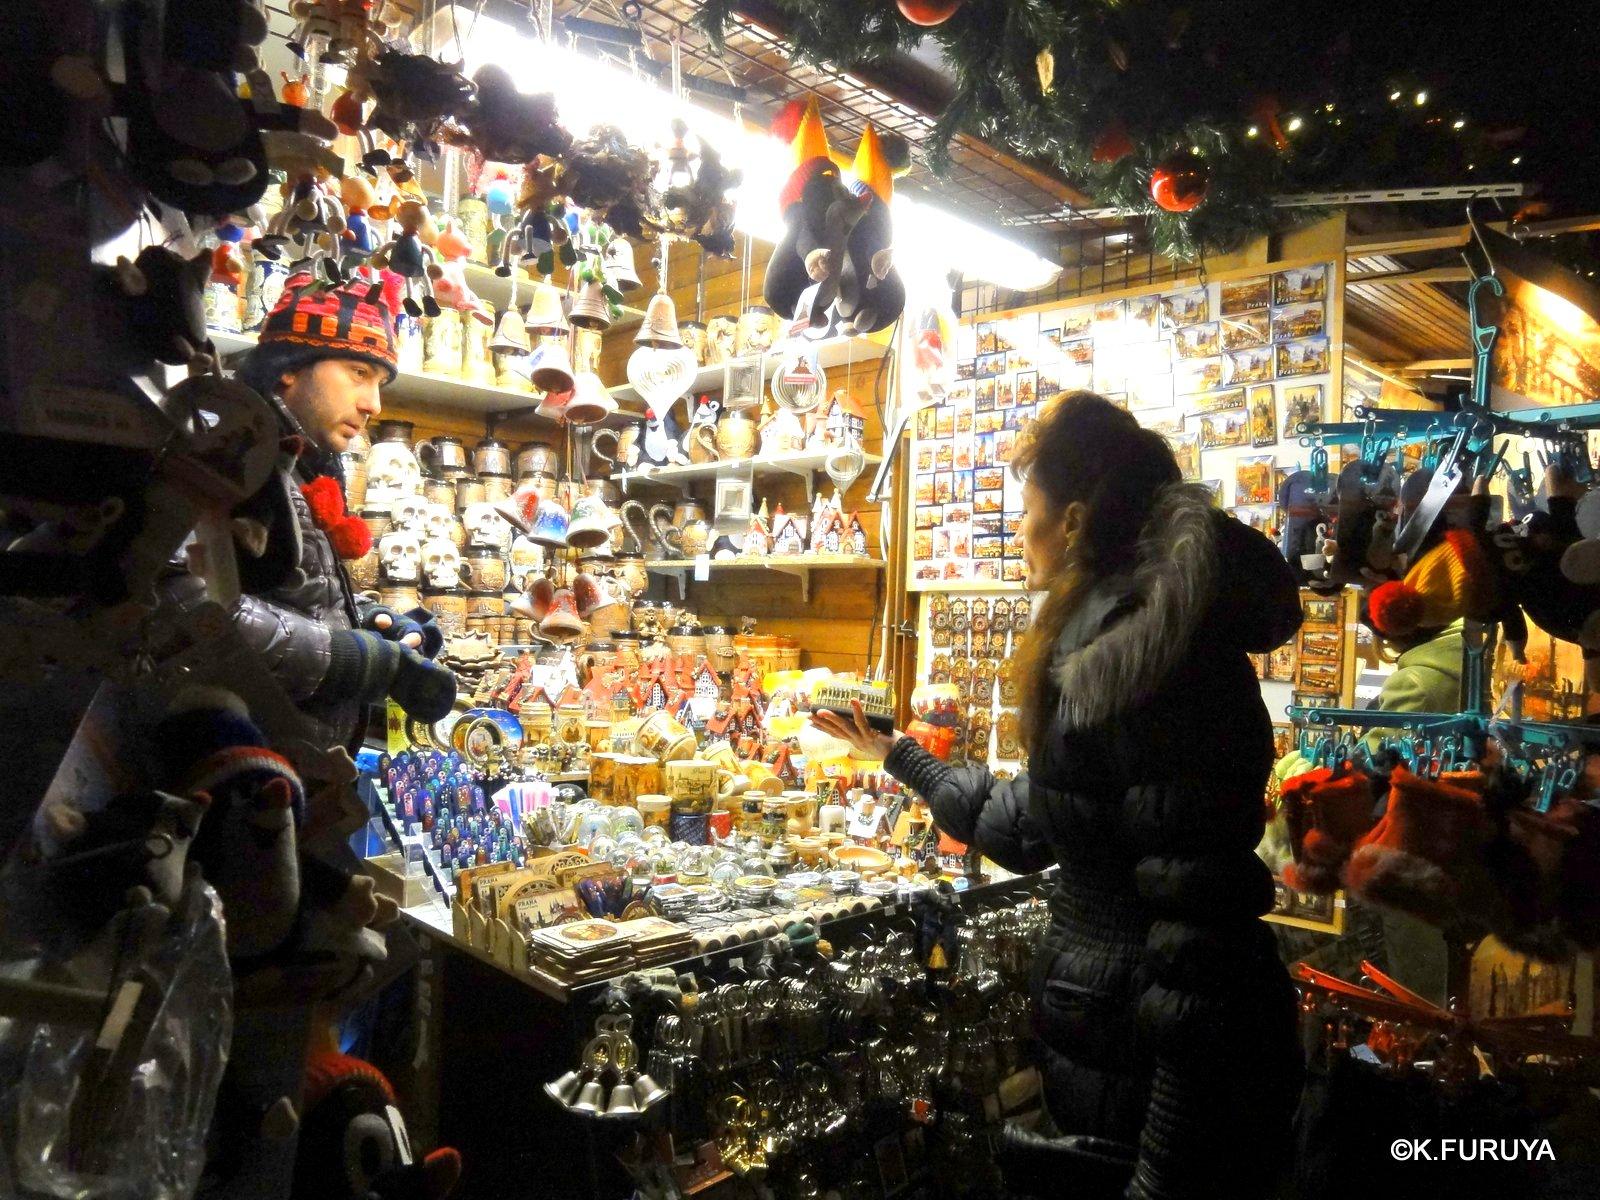 プラハ 14 旧市街広場のクリスマスマーケット_a0092659_23232346.jpg